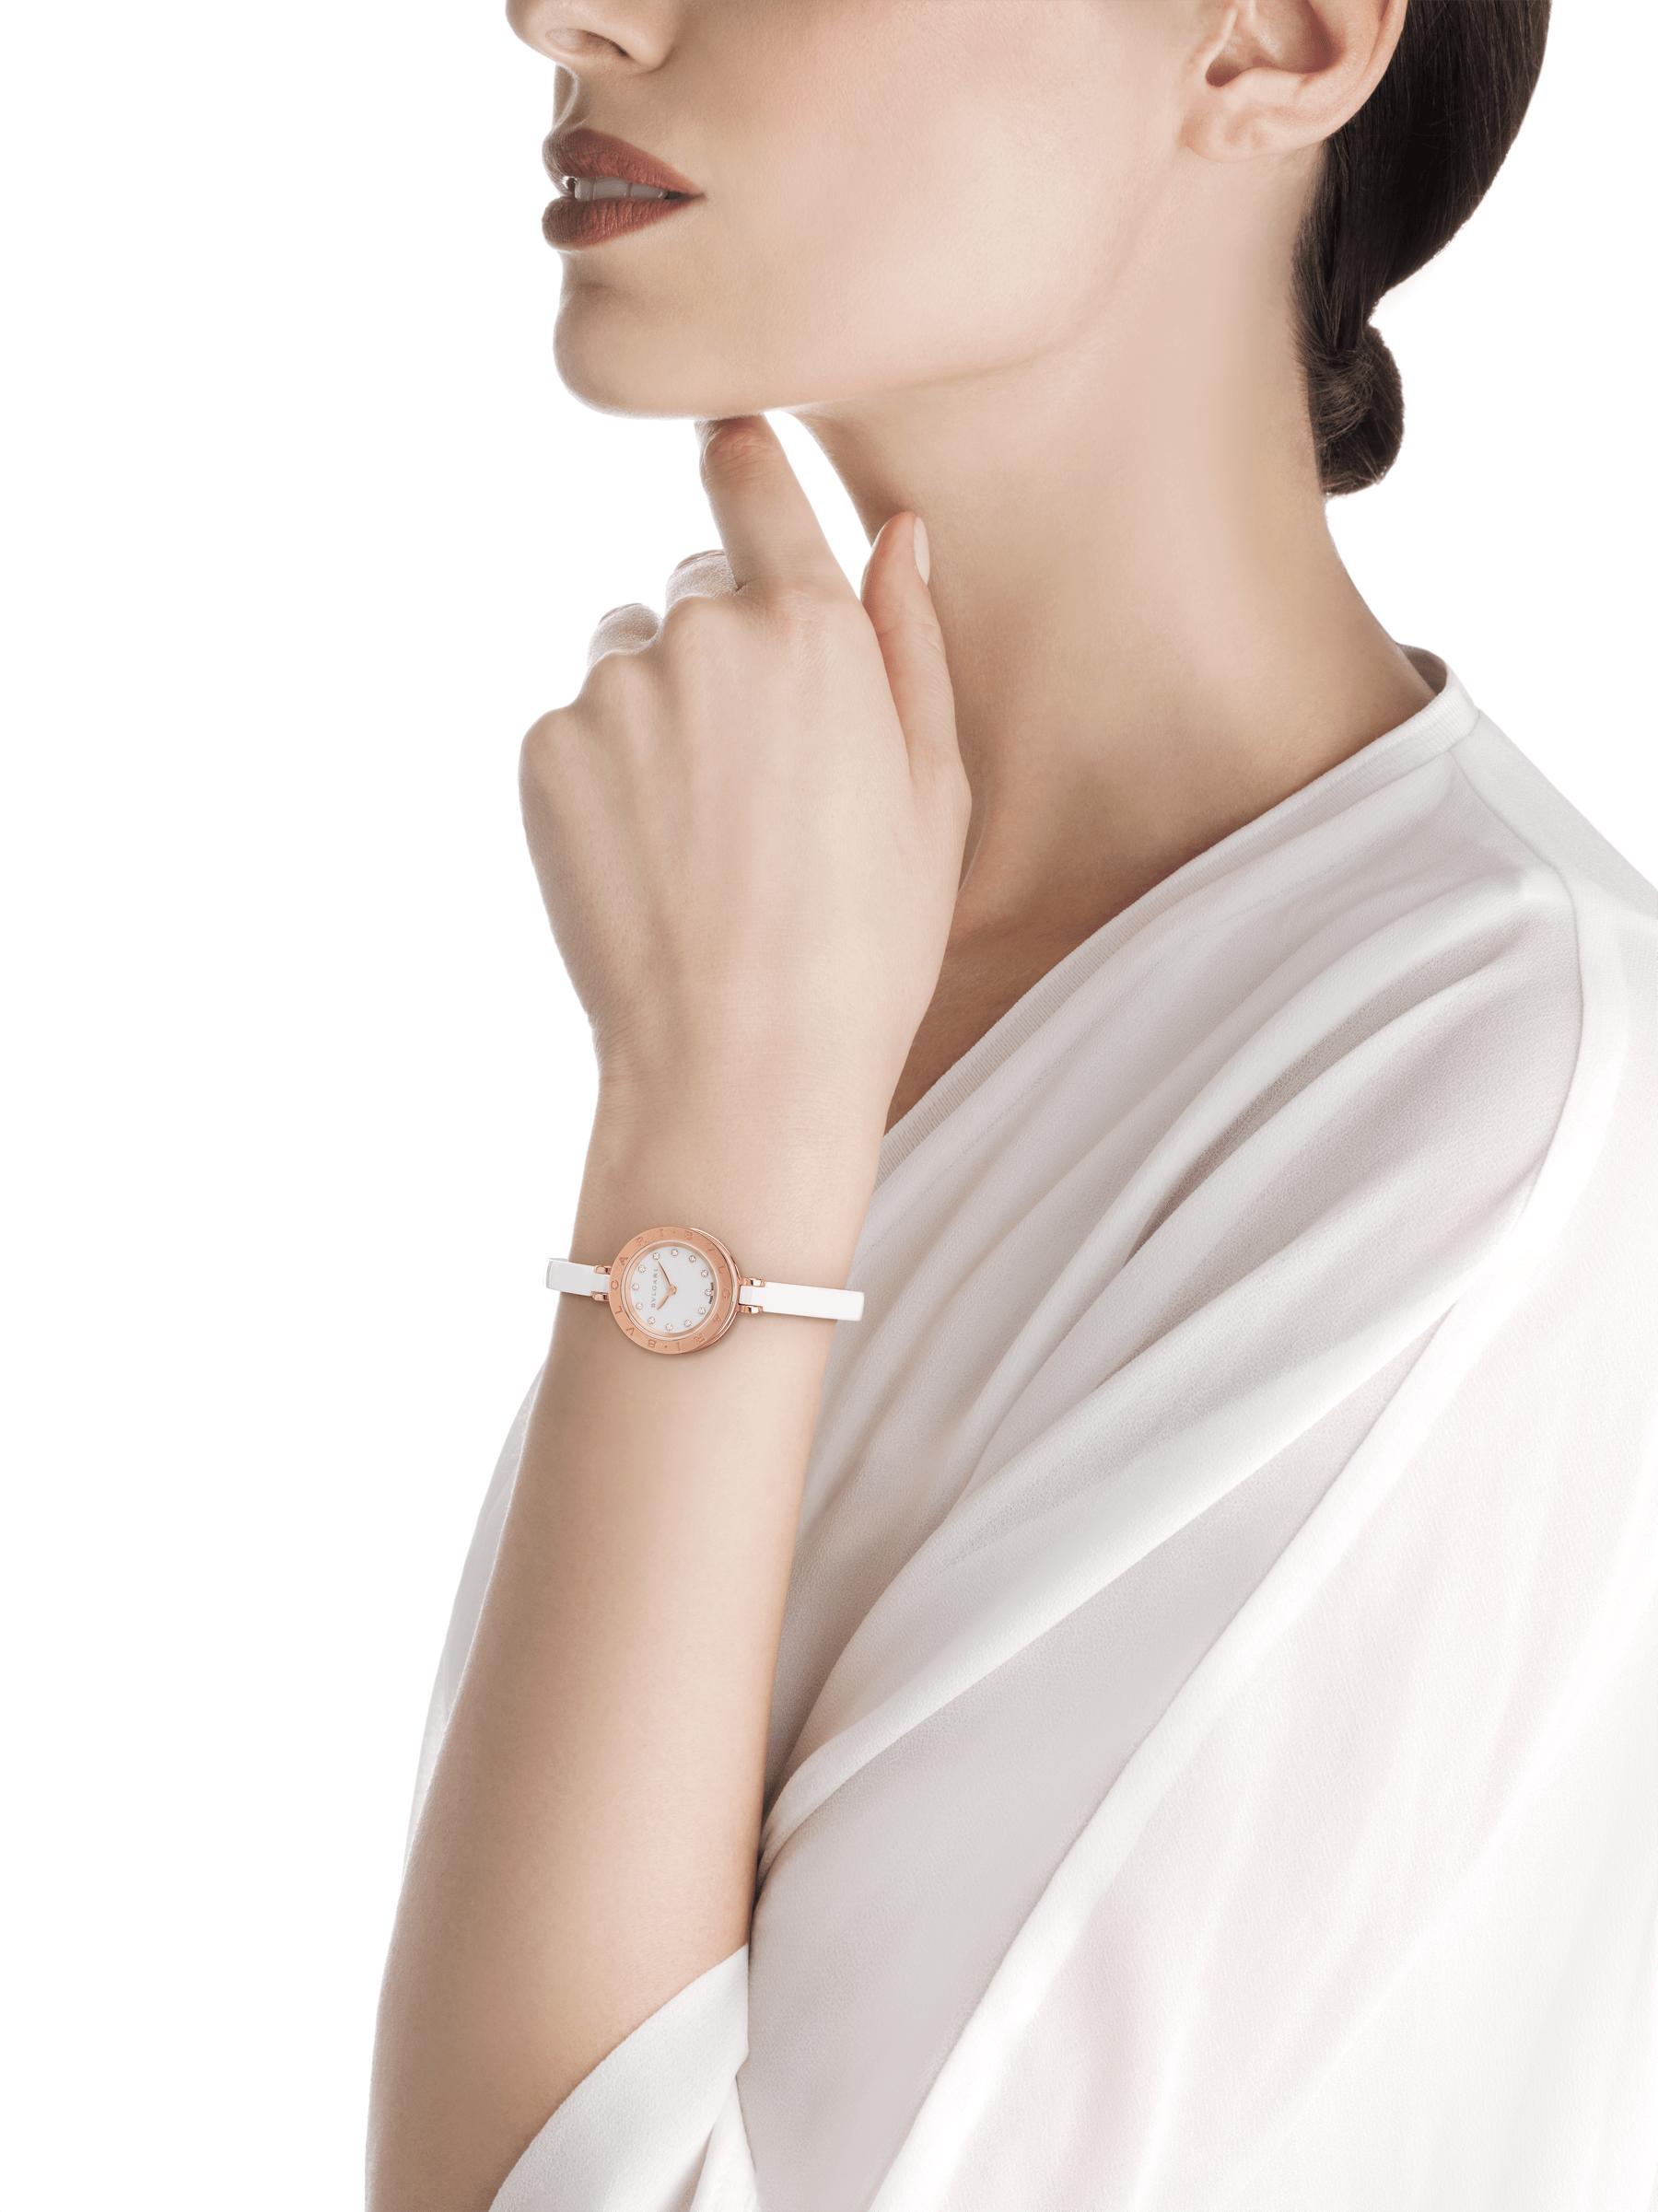 Montre B.zero1 avec boîtier en or rose 18K et acier inoxydable, bracelet jonc et spirale en céramique blanche, cadran laqué blanc et index sertis de diamants. Moyen modèle B01watch-white-white-dial3 image 5